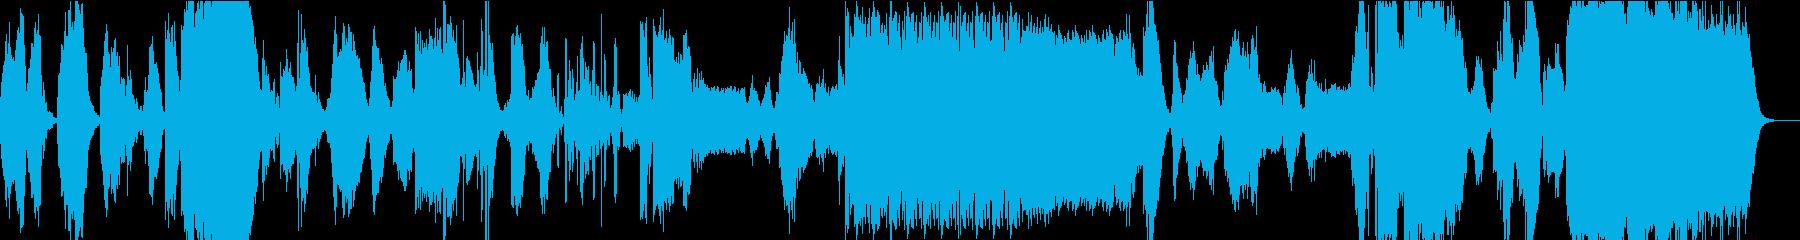 ホラー以外の用途が無いような不快なBGMの再生済みの波形